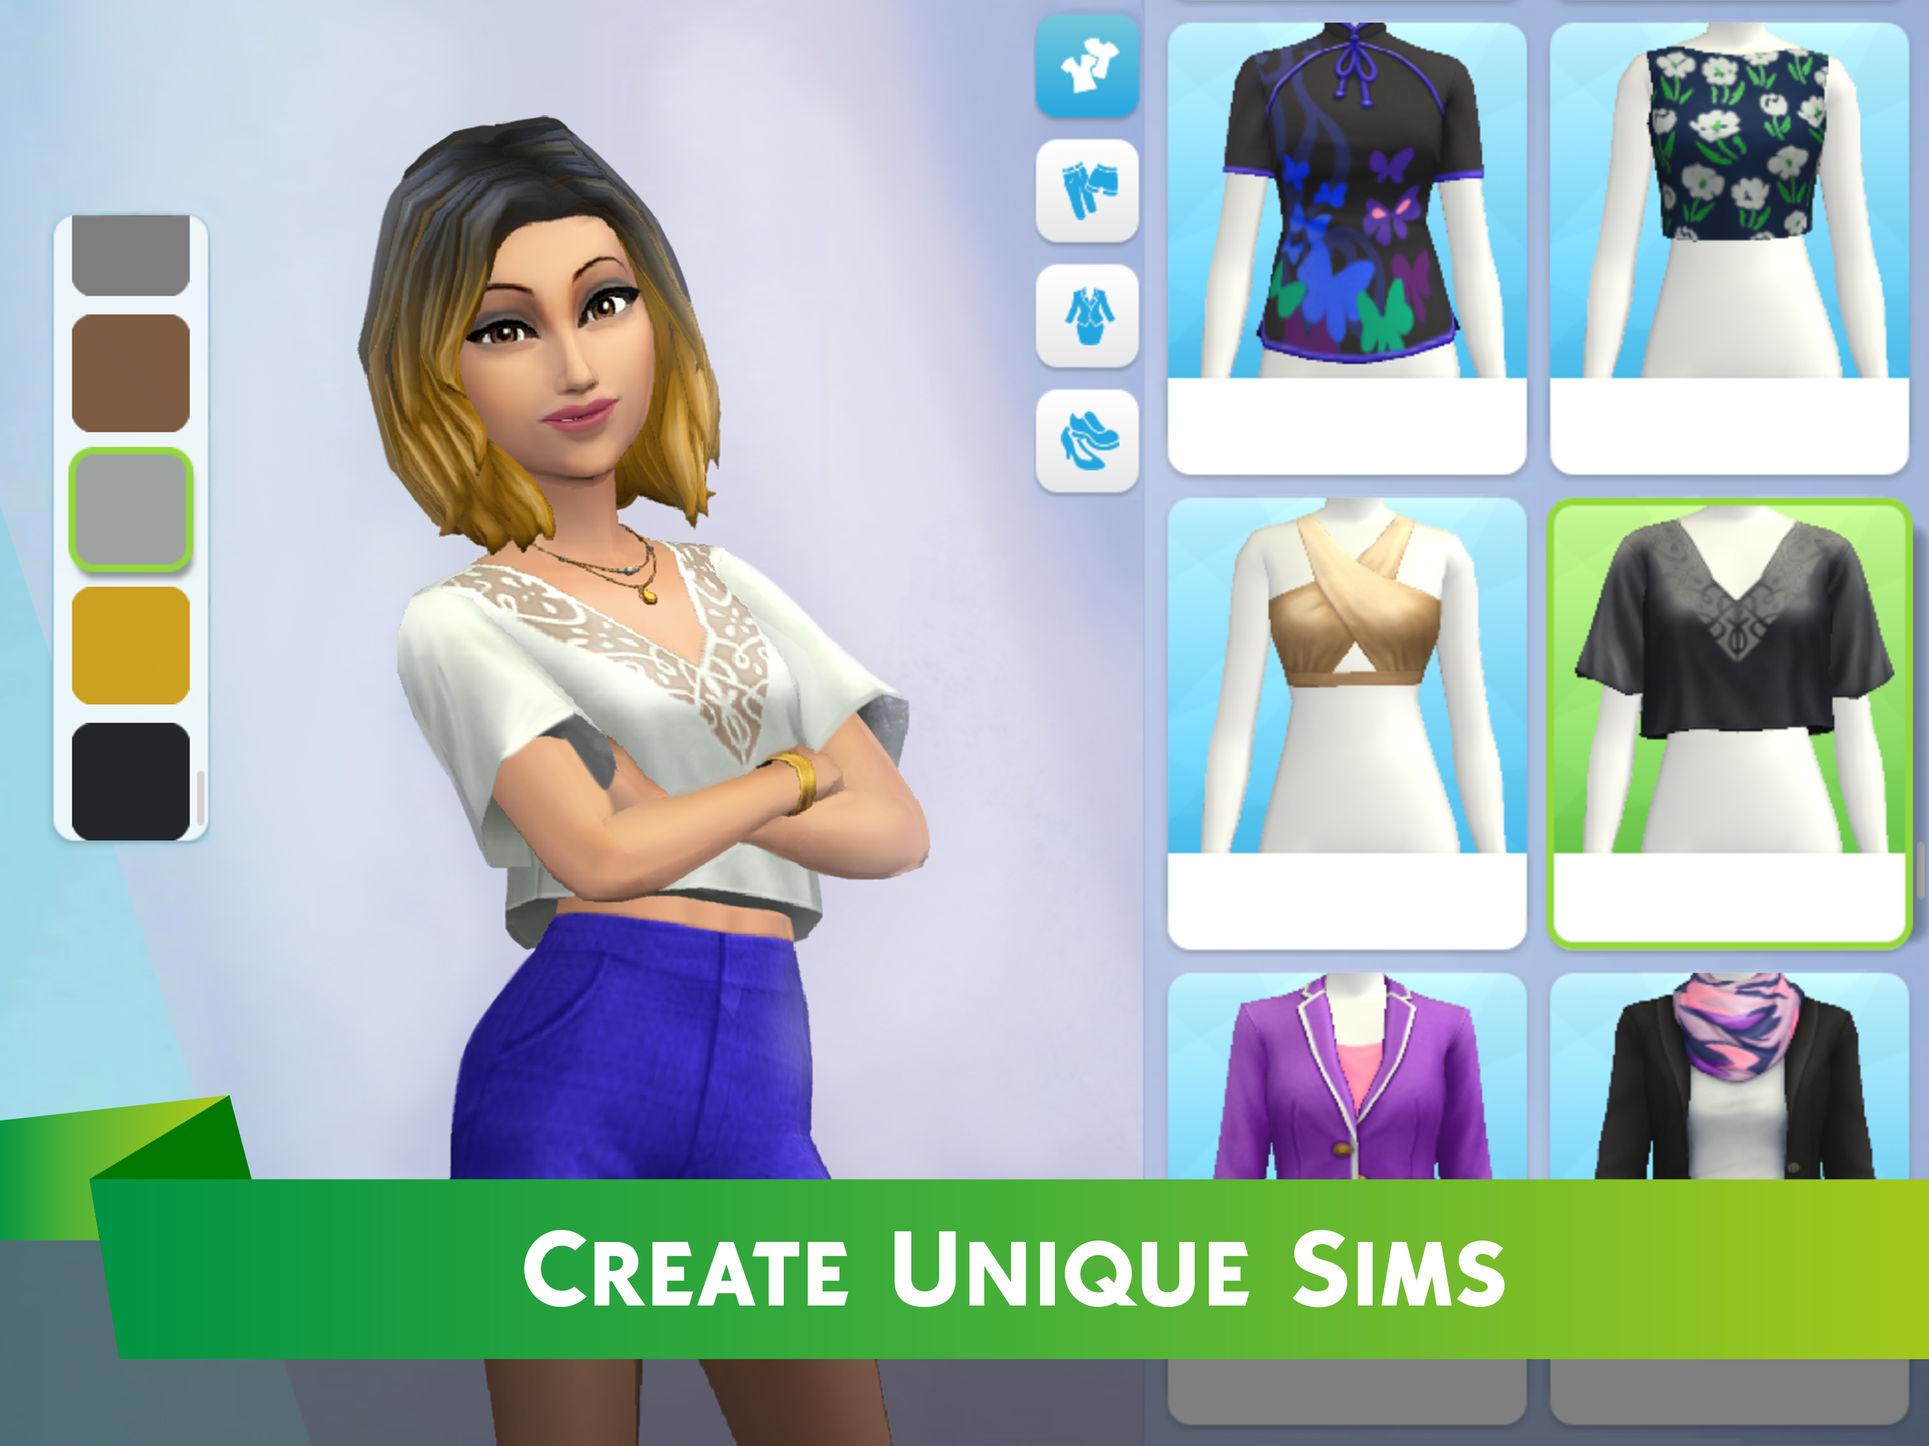 Create special sim